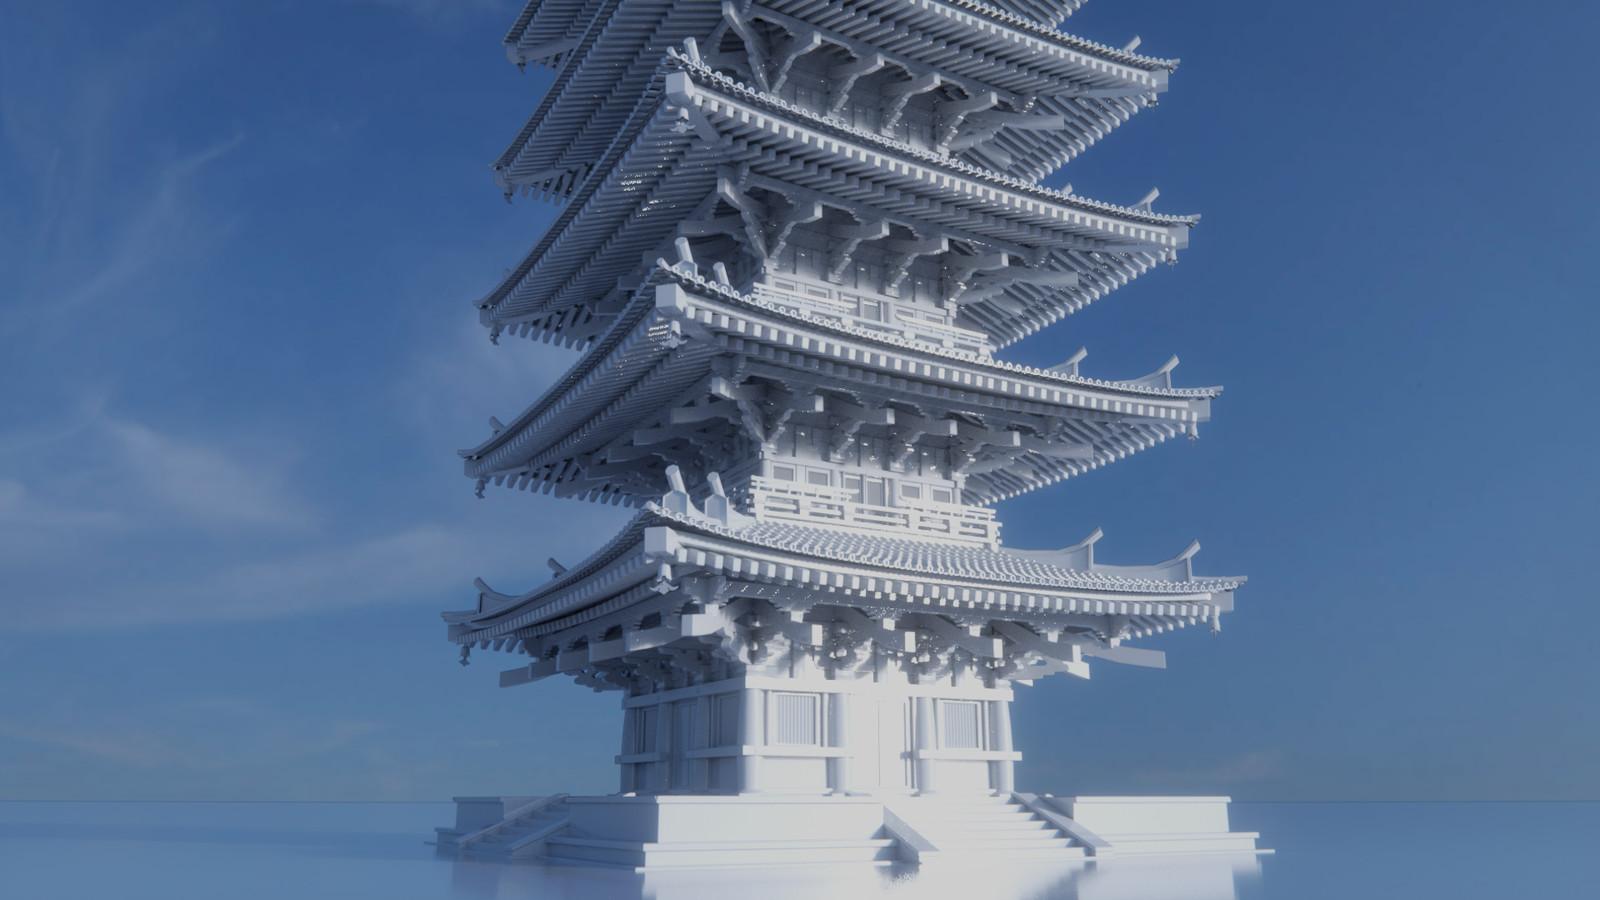 Toji - East Temple